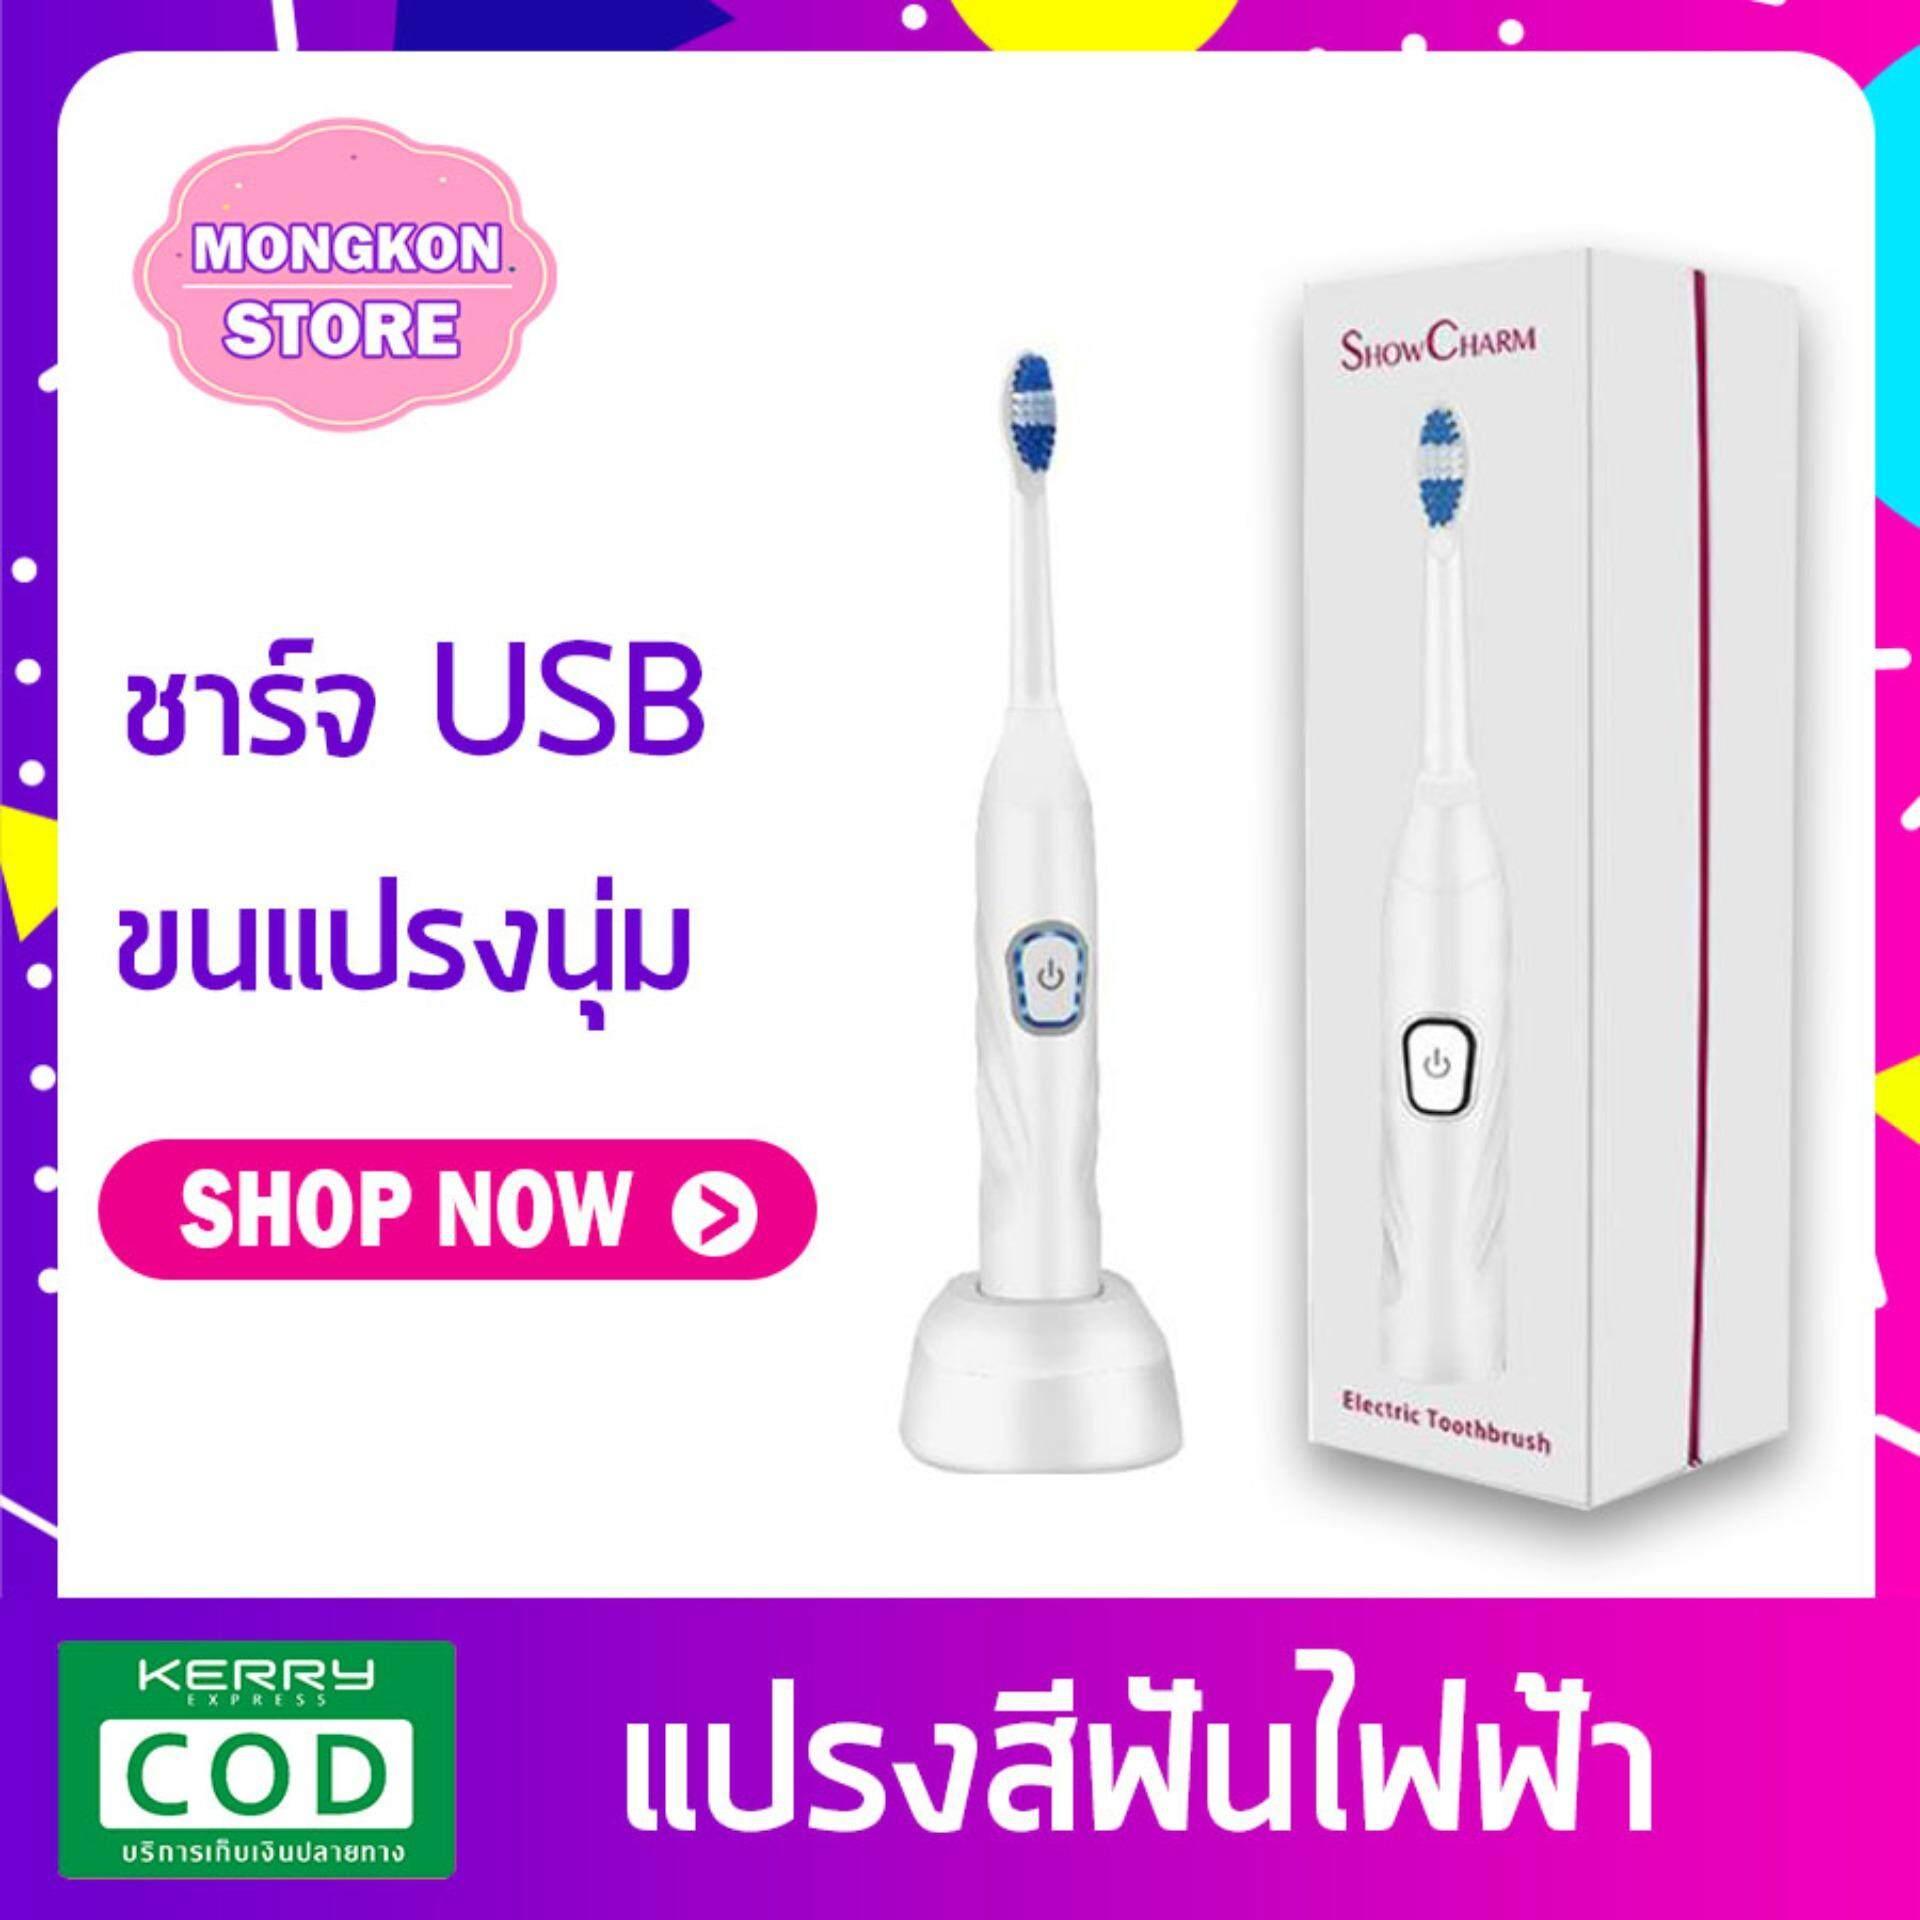 แปรงสีฟันไฟฟ้า ทำความสะอาดทุกซี่ฟันอย่างหมดจด สระบุรี แปรงสีฟันไฟฟ้า  แปรงสีฟัน  USB แม่เหล็กชาร์จขนนุ่ม  Electric Toothbrush   Mongkon Store